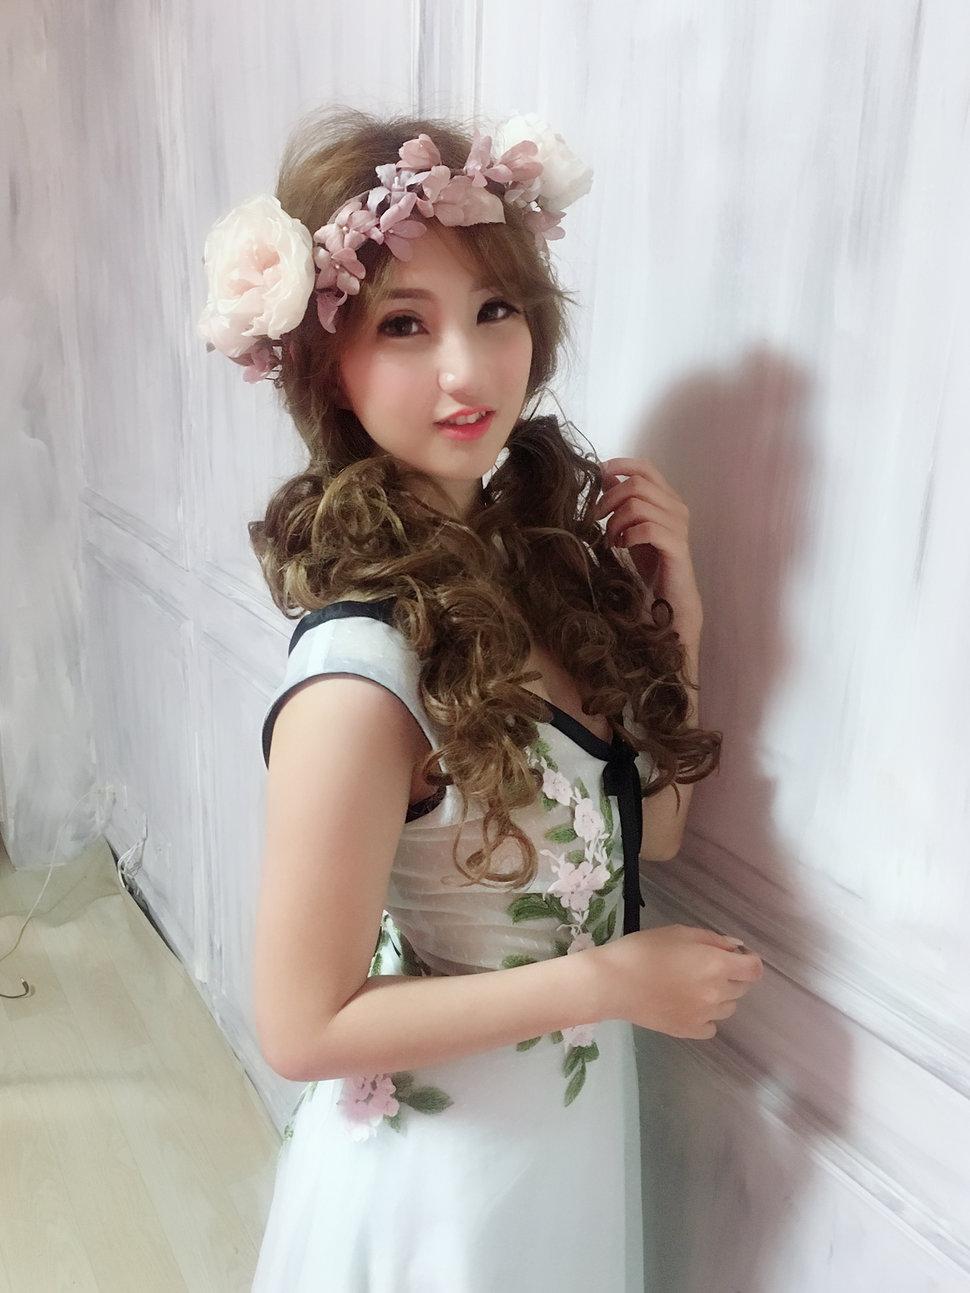 09DFBFBF-C382-4D73-A0D4-046F71F4558A - 雪雪style時尚造型美學 - 結婚吧